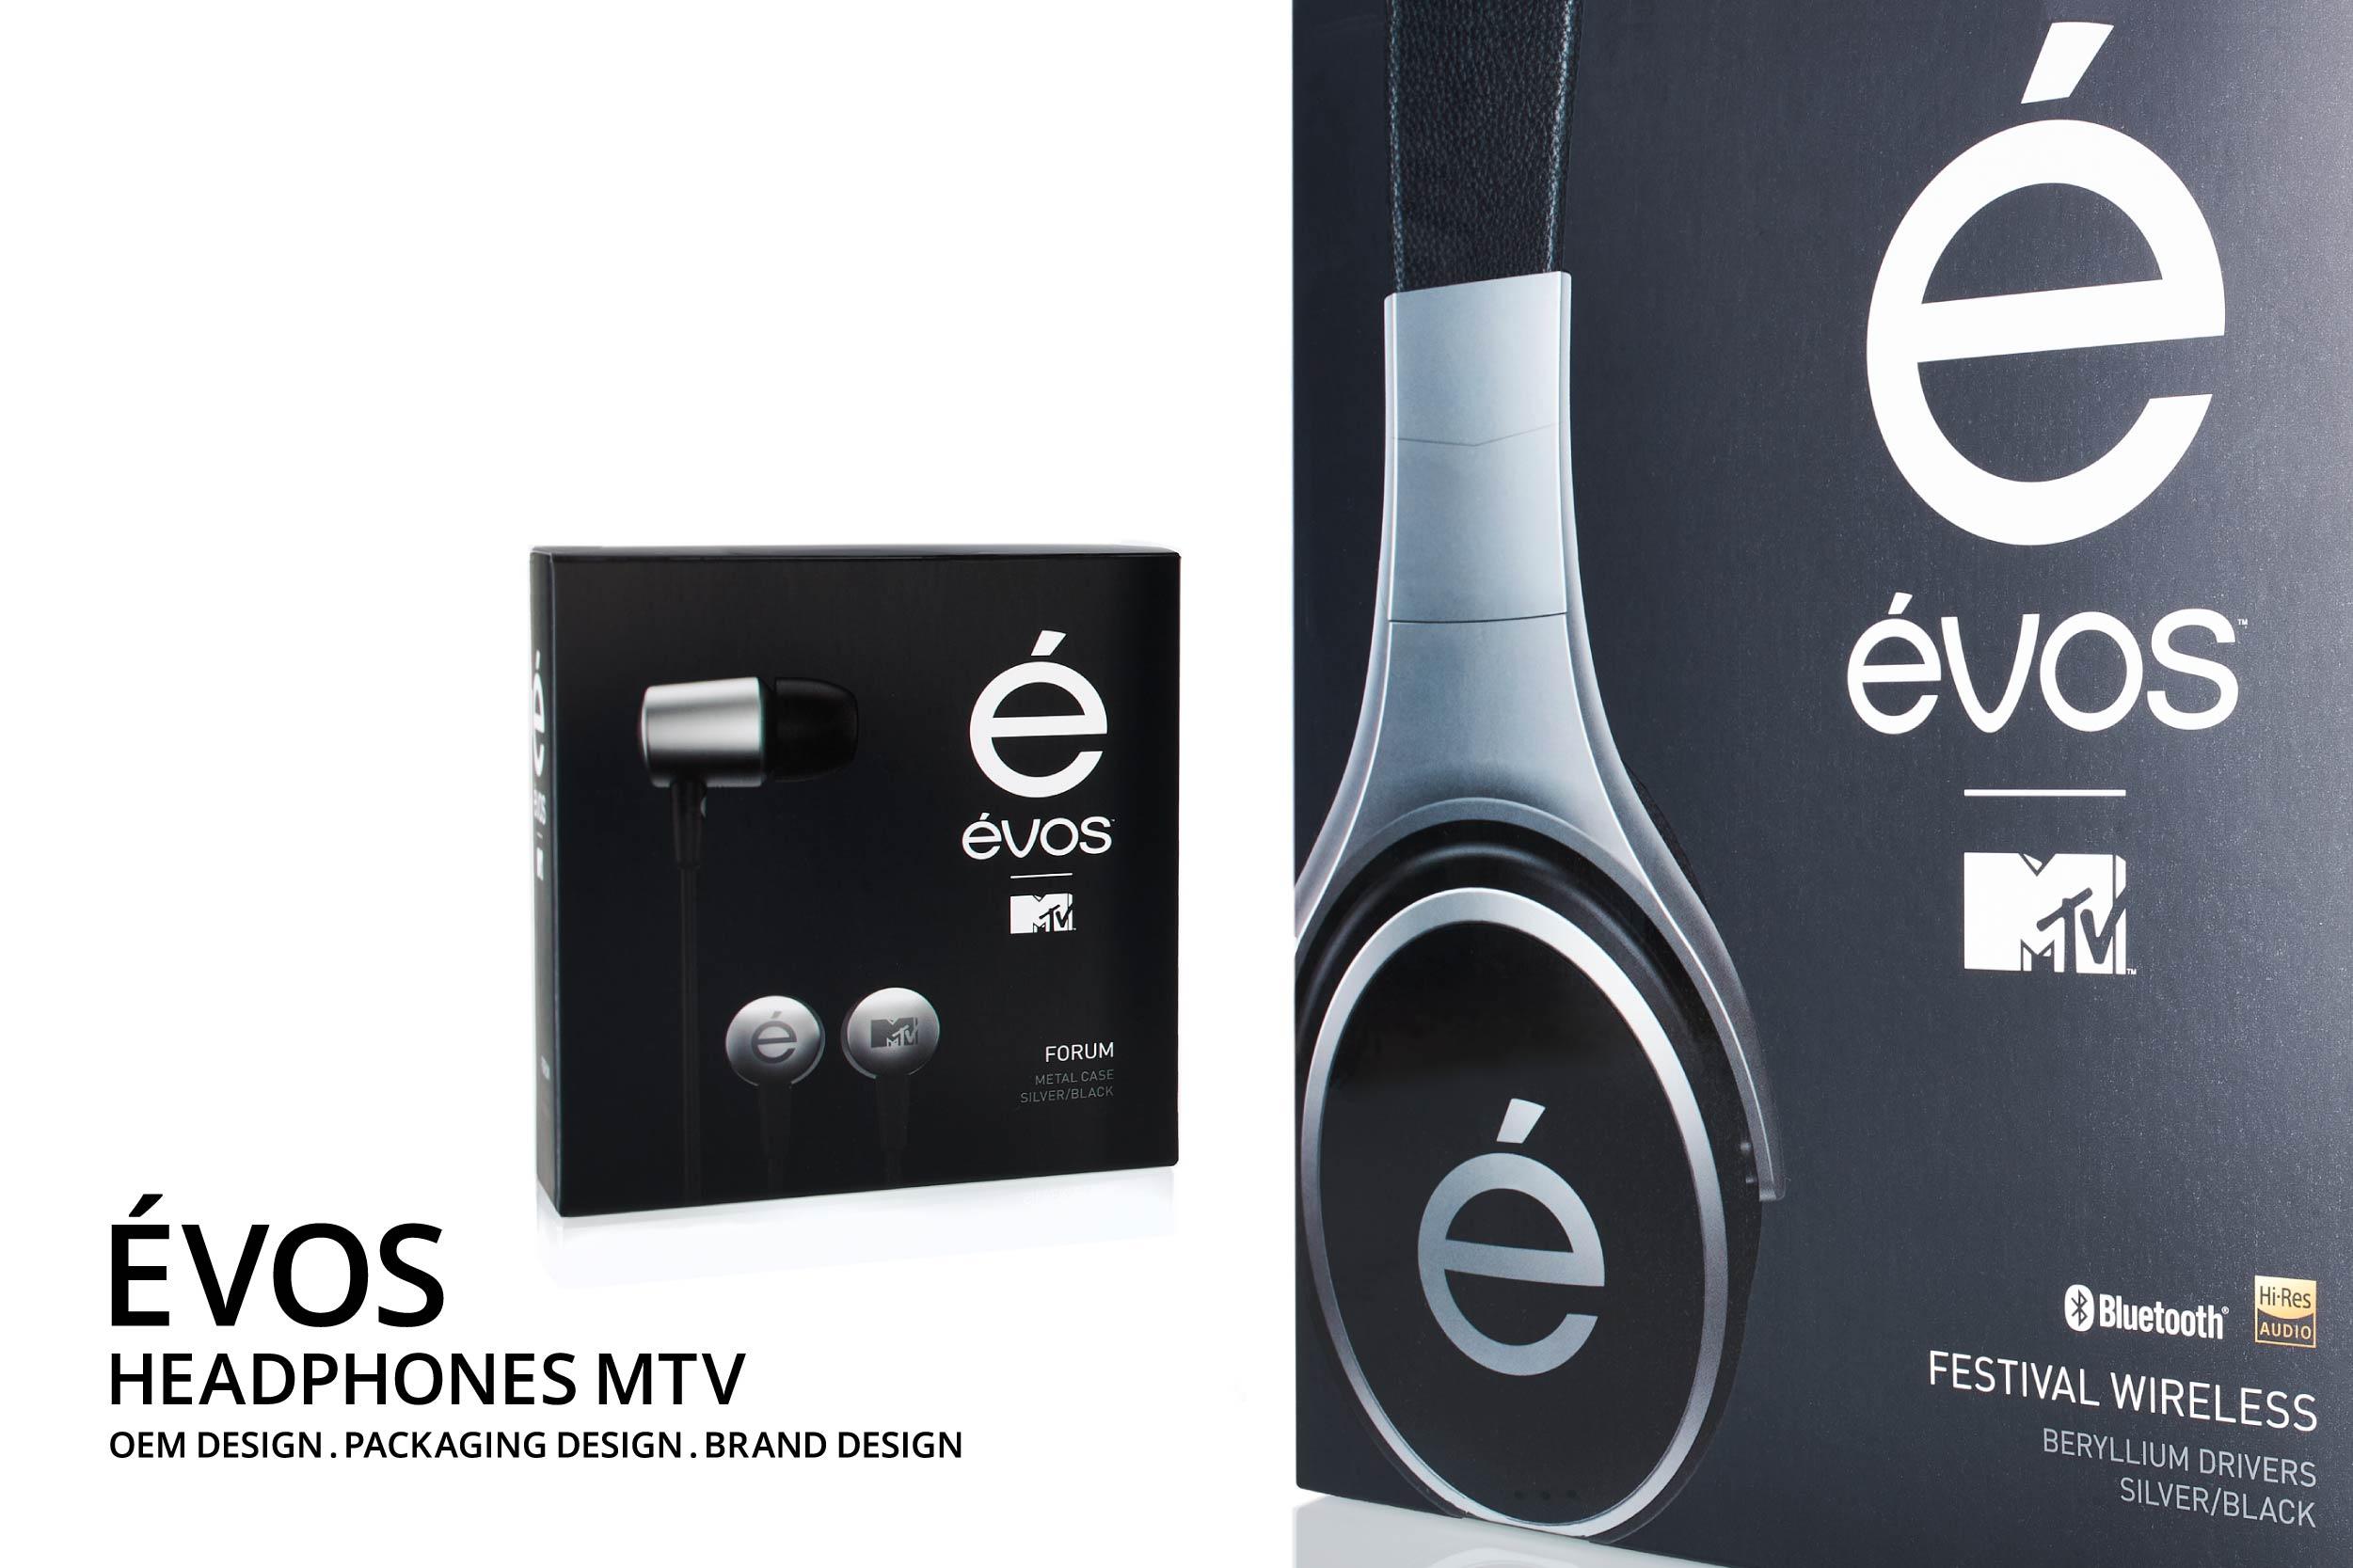 EVOS-1